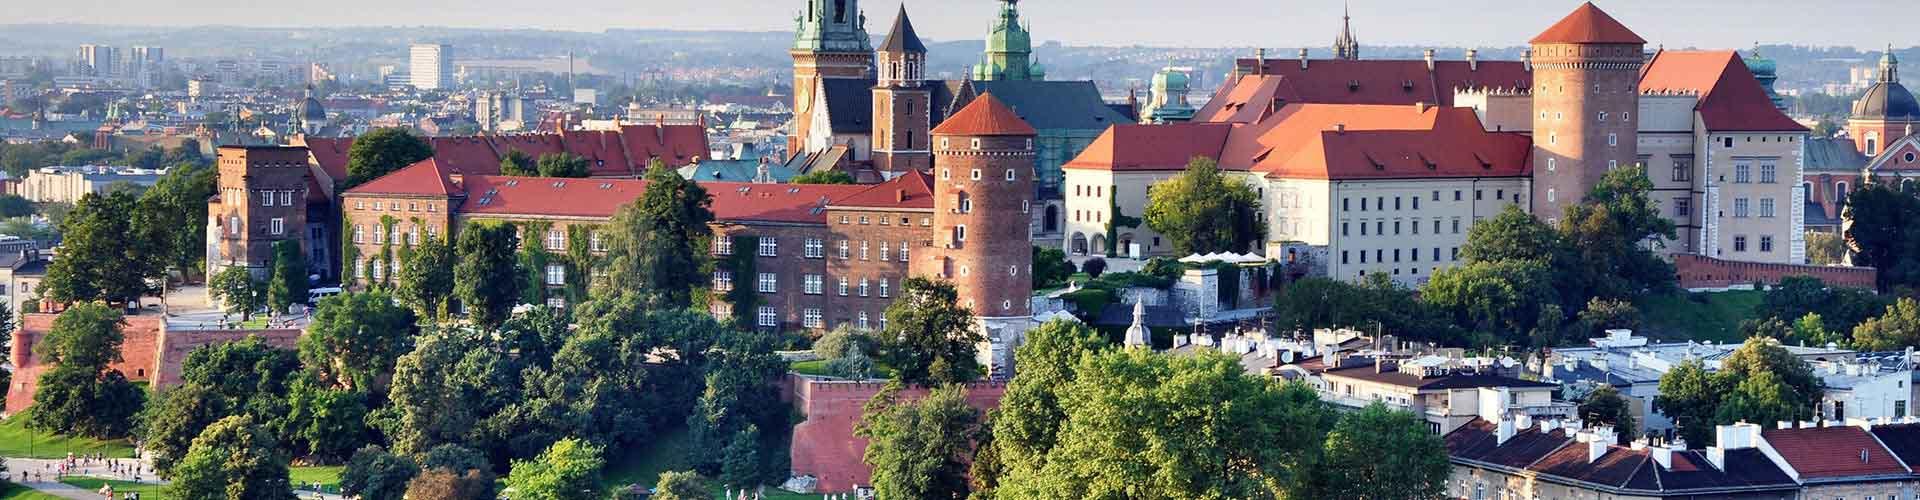 Cracovia – Appartamenti a Cracovia. Mappe per Cracovia, Foto e  Recensioni per ogni Appartamento a Cracovia.